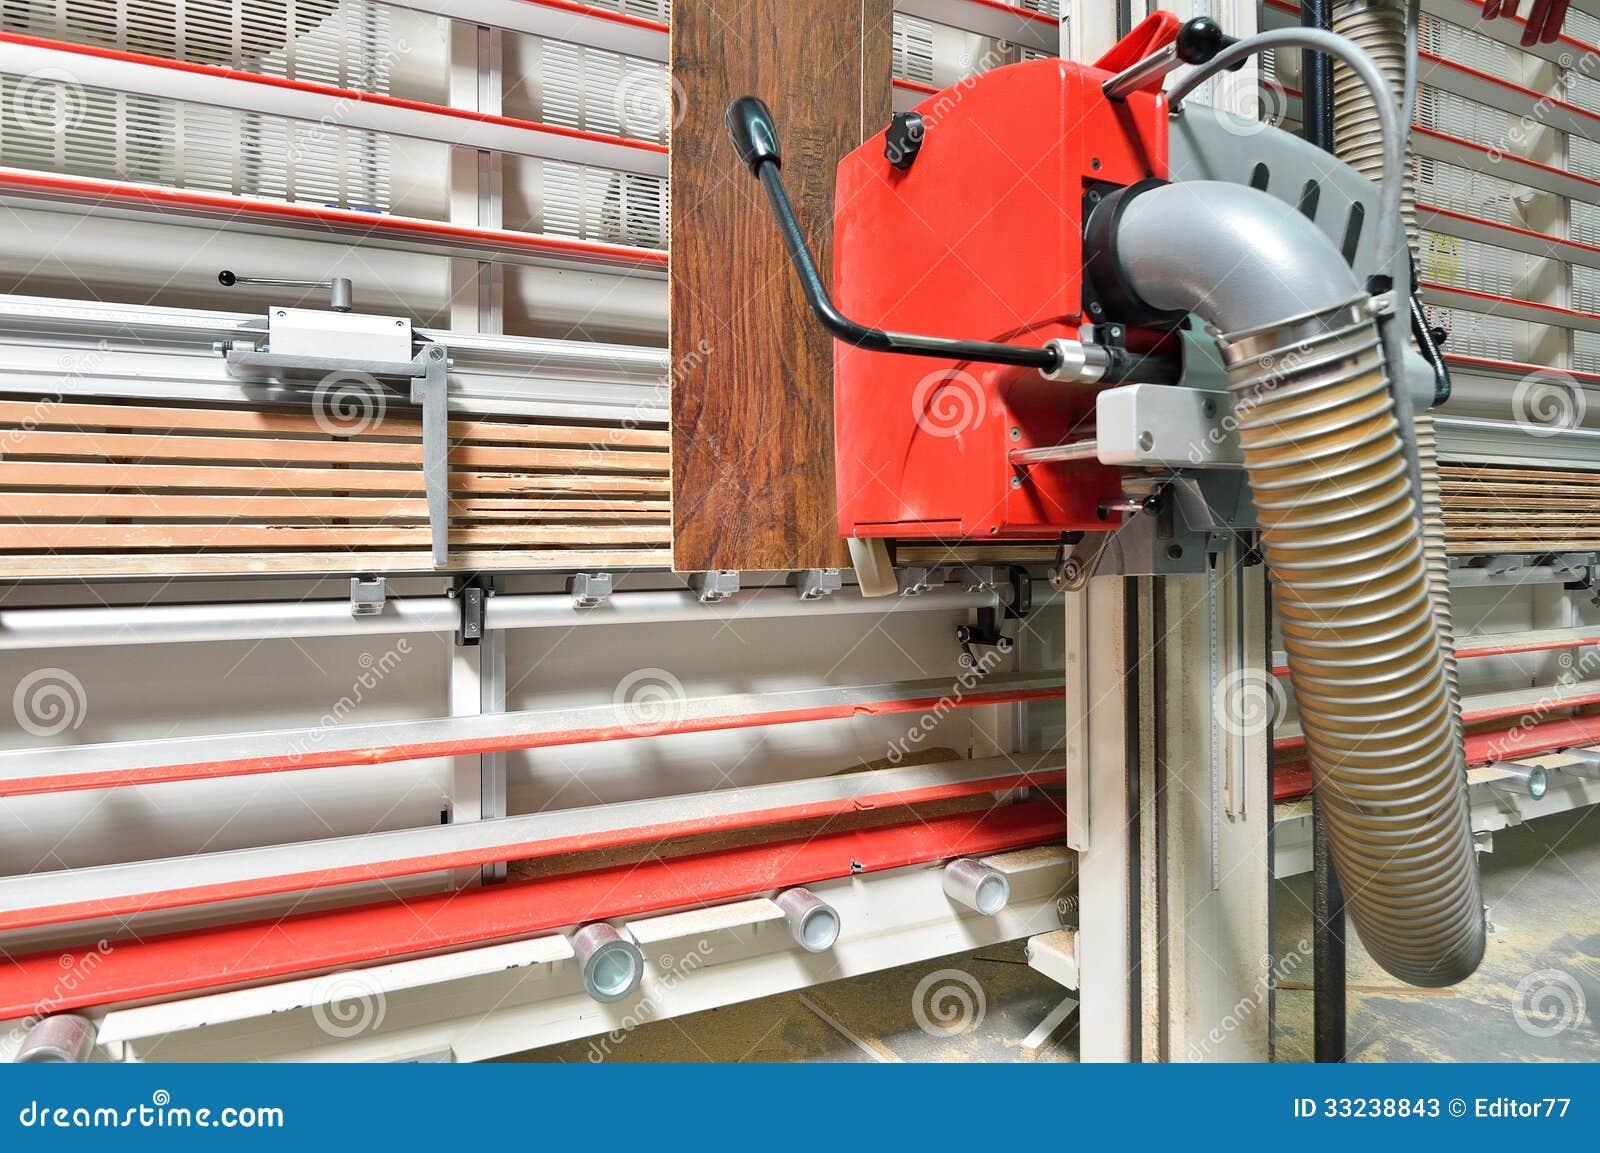 scie industrielle de circulaire pour la coupe en bois photos stock image 33238843. Black Bedroom Furniture Sets. Home Design Ideas